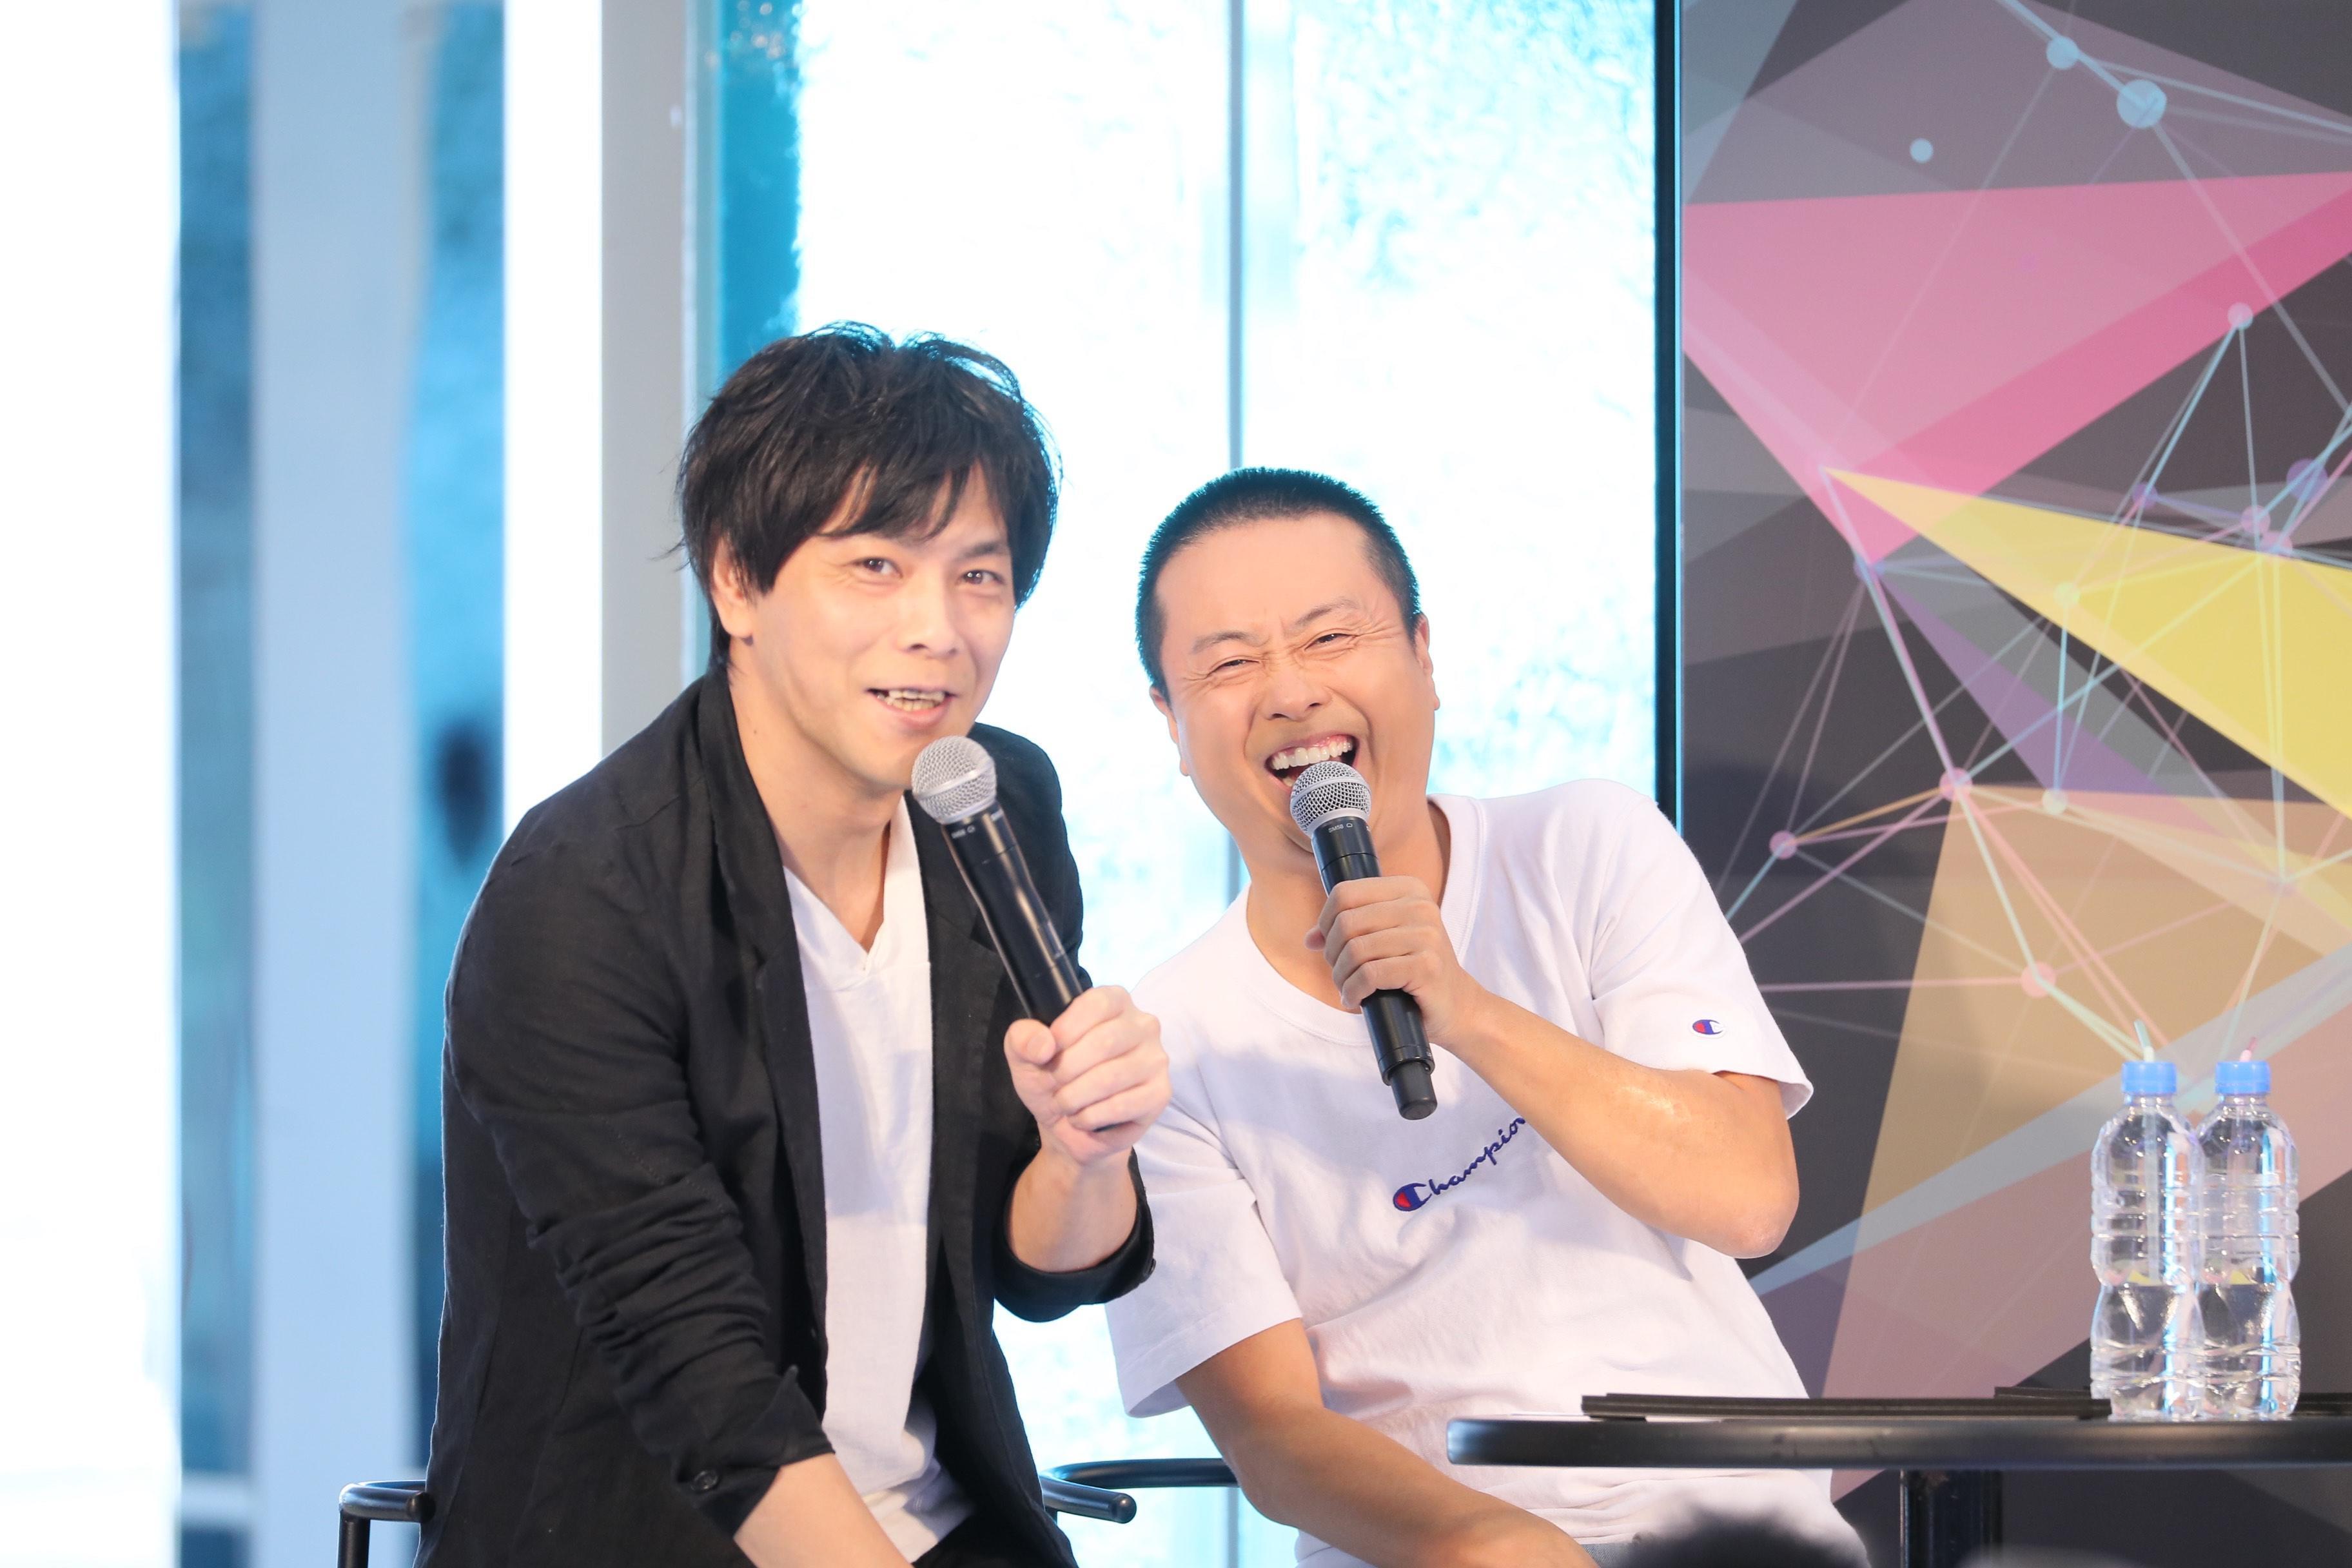 http://news.yoshimoto.co.jp/20180925051016-f70e6a2b2b910aa1861be1b5116a25f61cc444dd.jpg